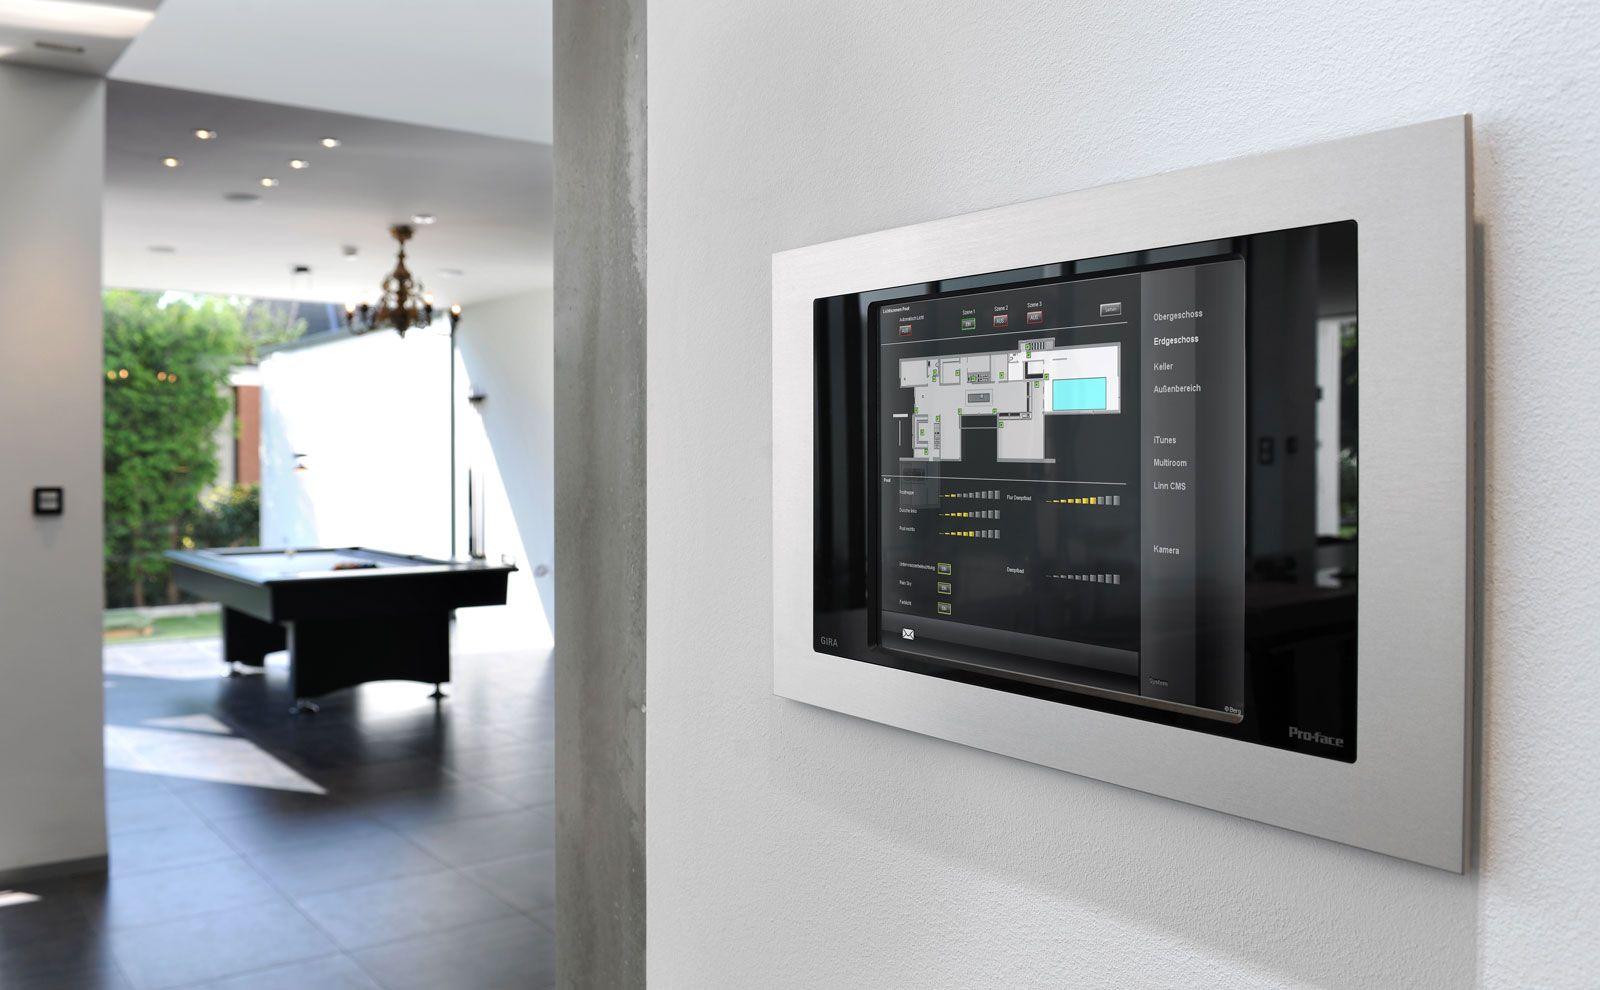 Gira control client 19 in der Küche an der Wand